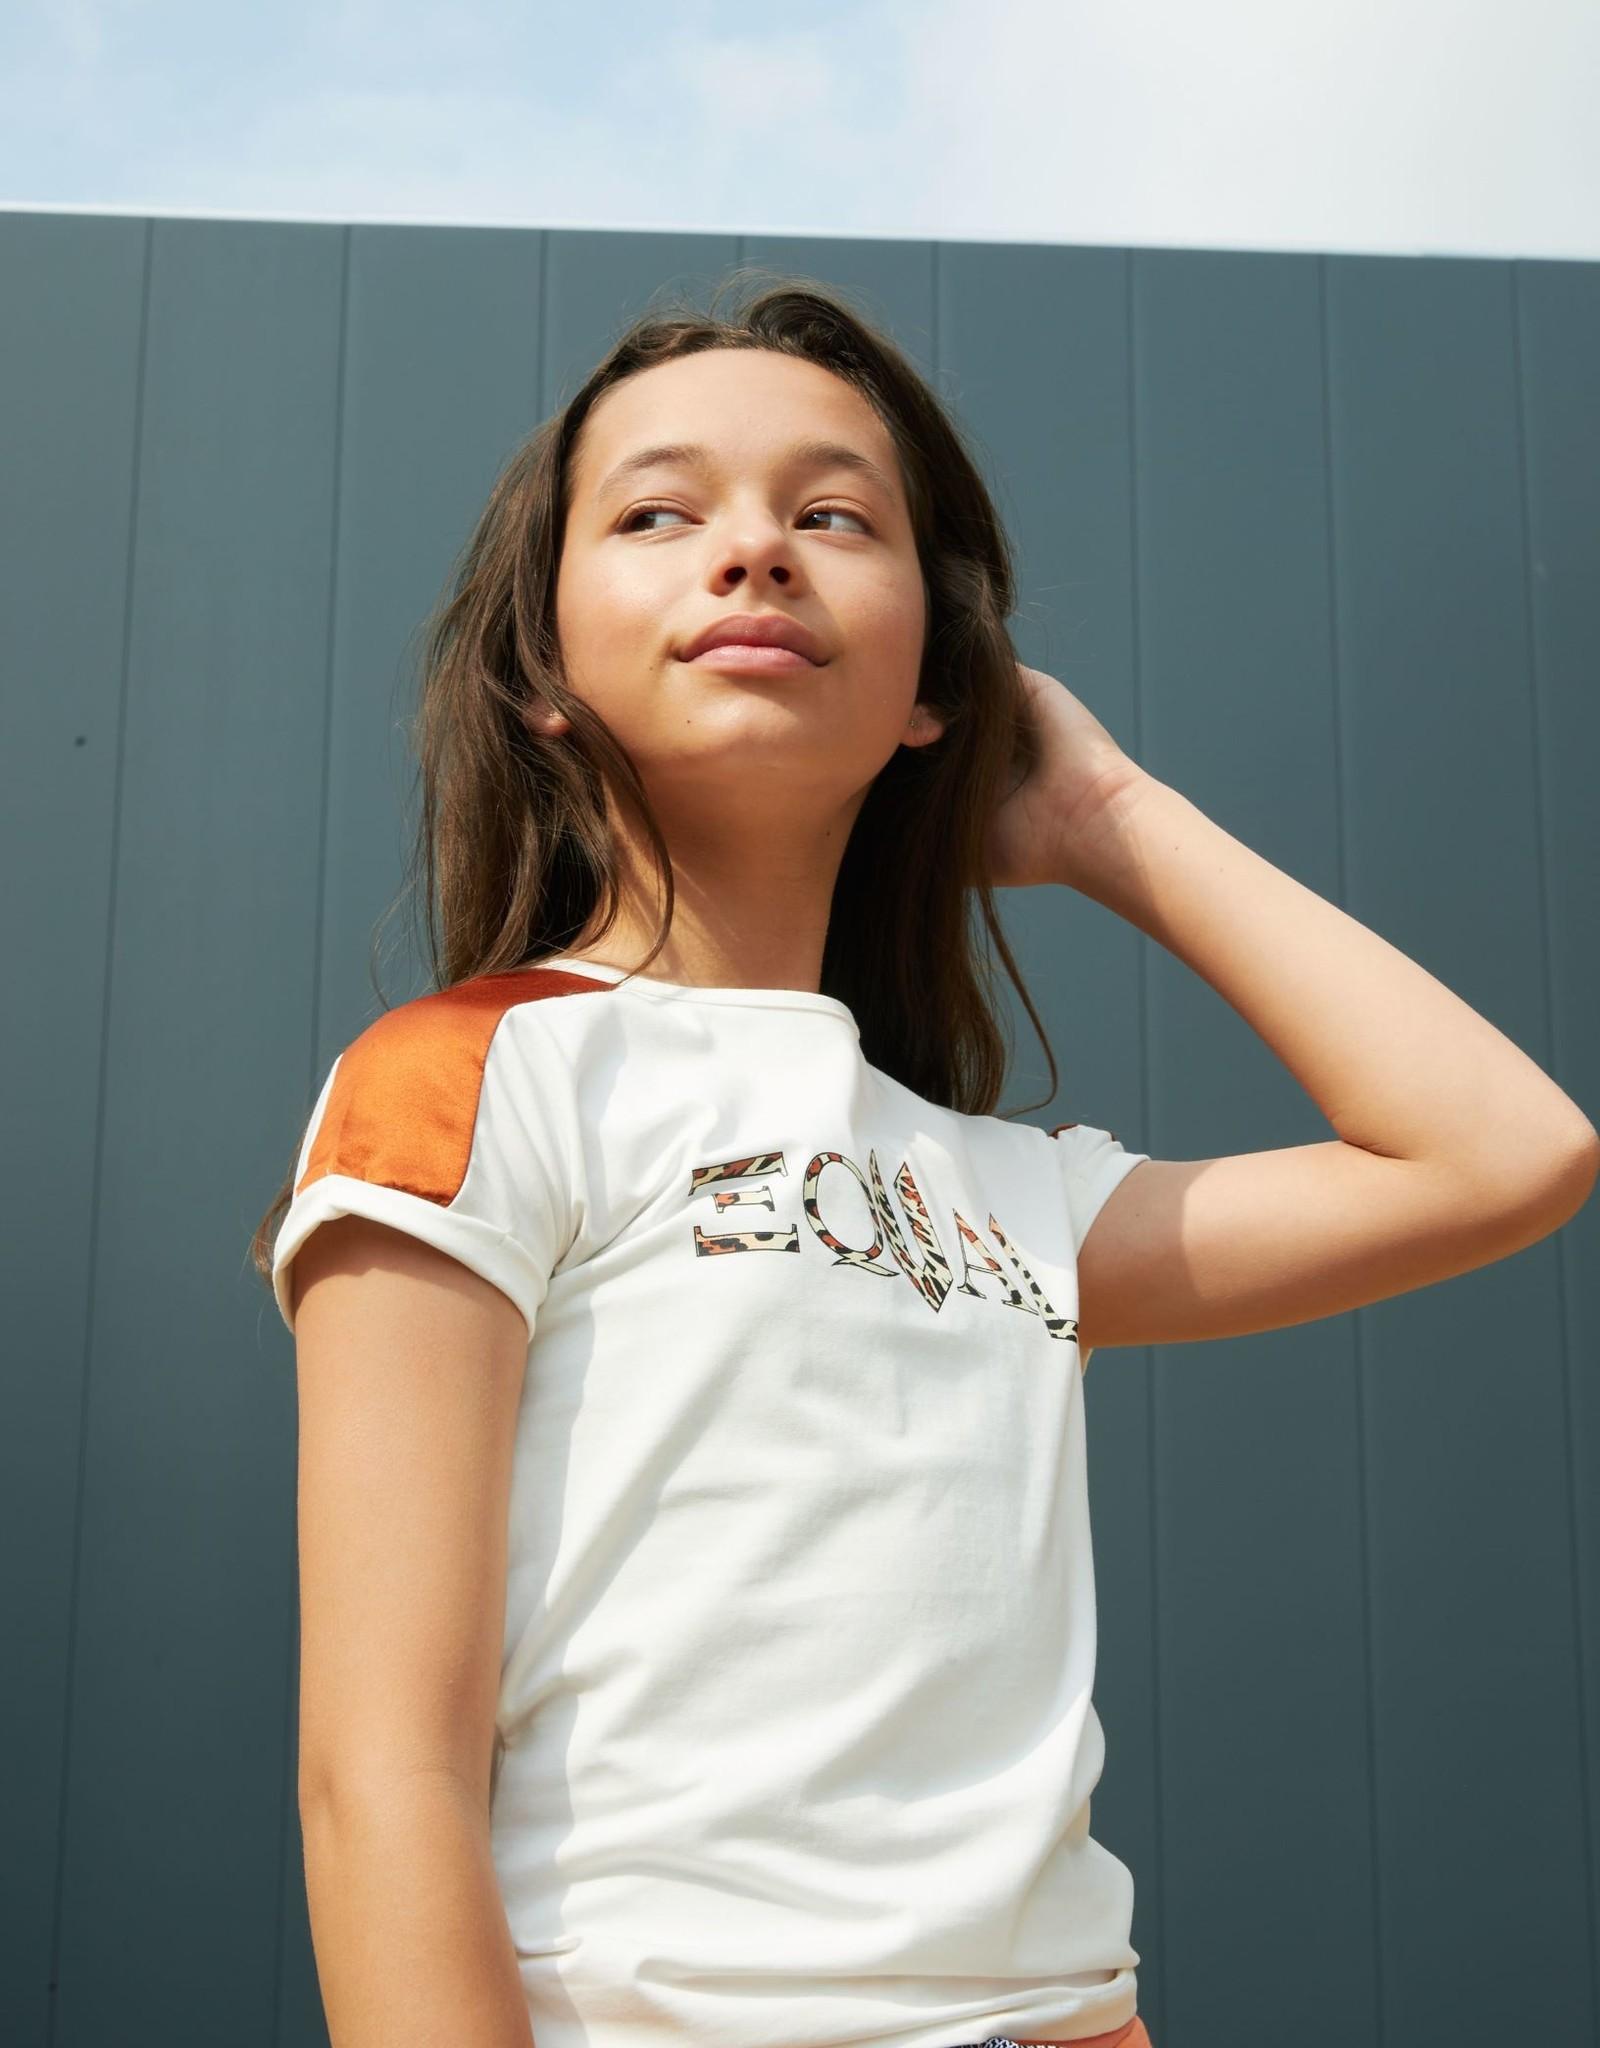 NoBell NoBell shirt 3401 off white